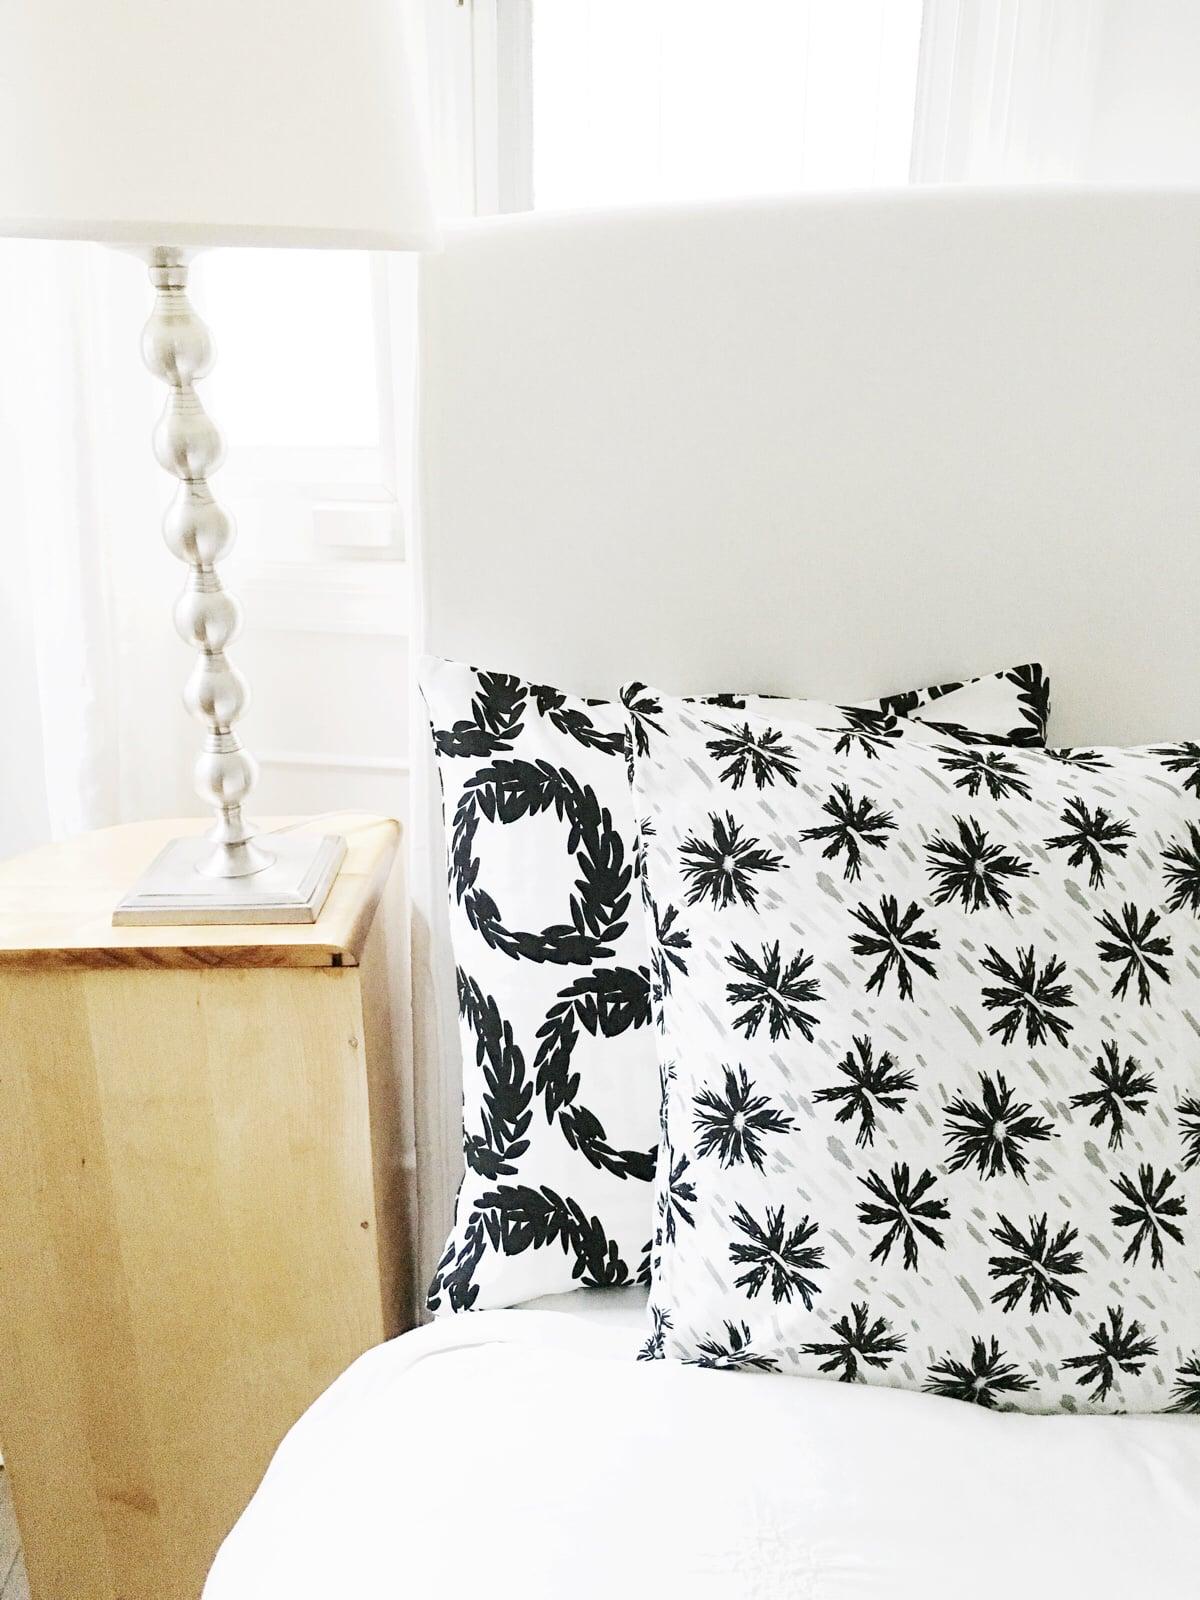 Black white pillows bedding